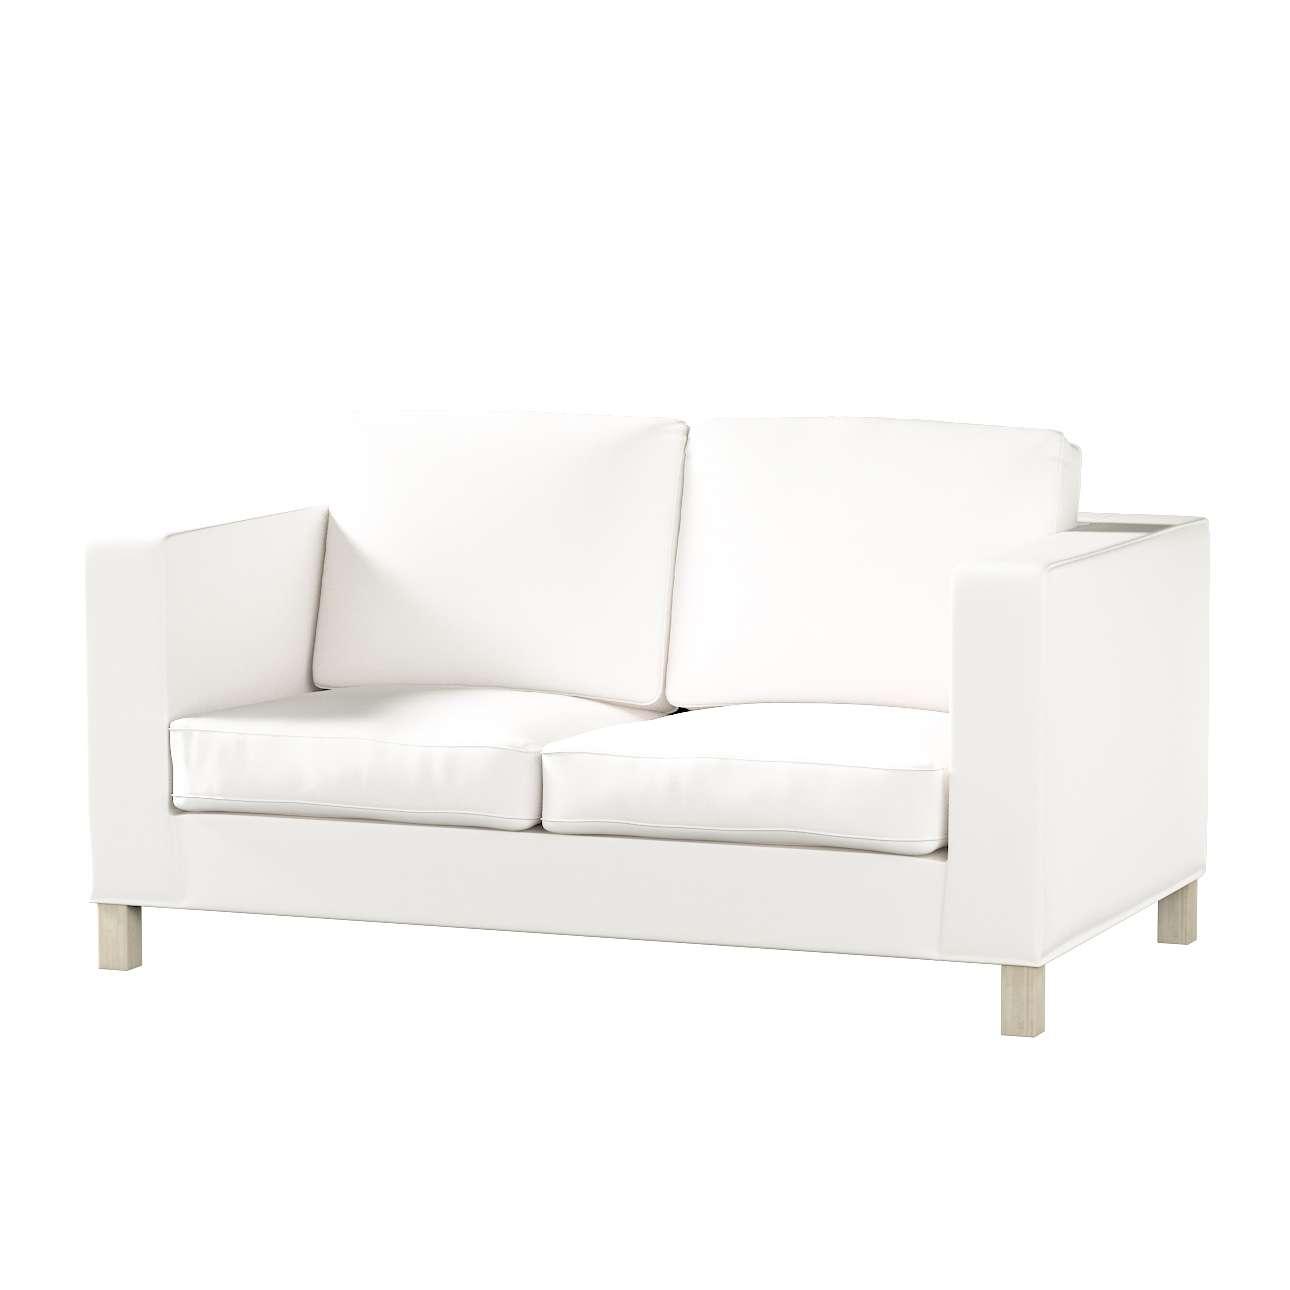 KARLANDA dvivietės sofos užvalkalas KARLANDA dvivietės sofos užvalkalas kolekcijoje Cotton Panama, audinys: 702-34